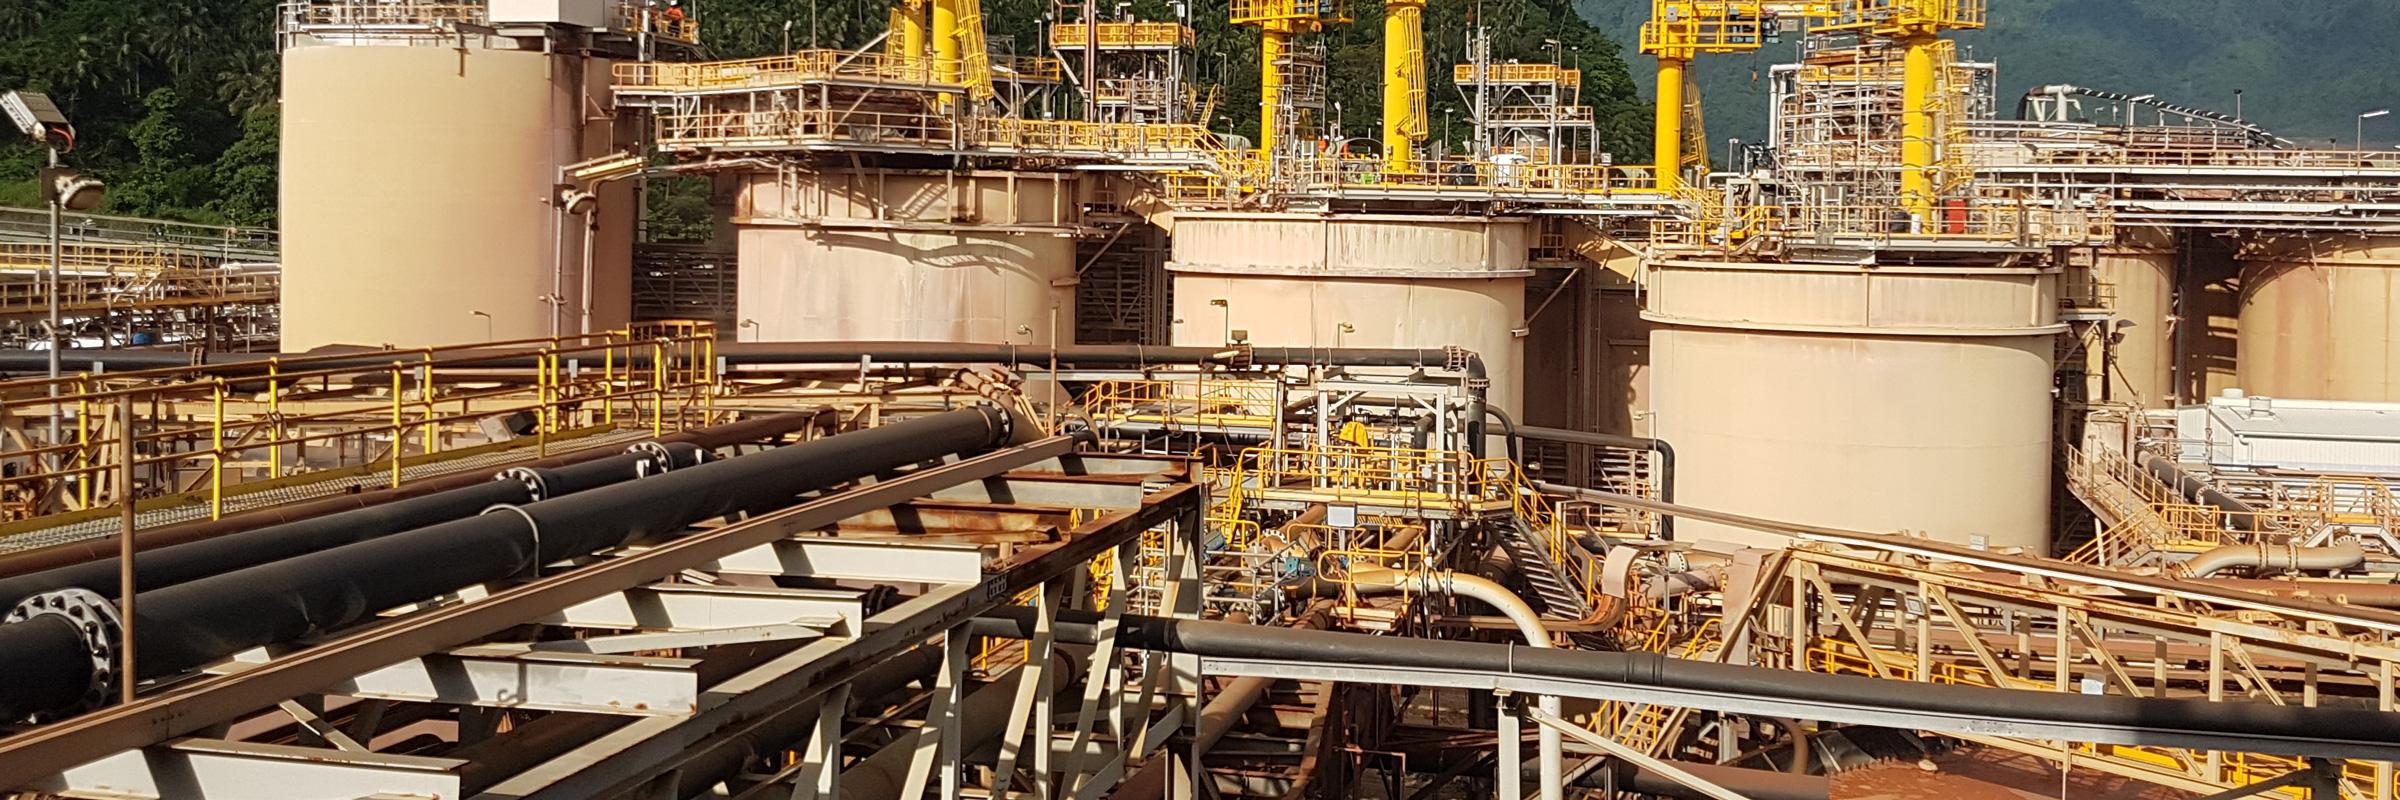 Novafast Mining sector